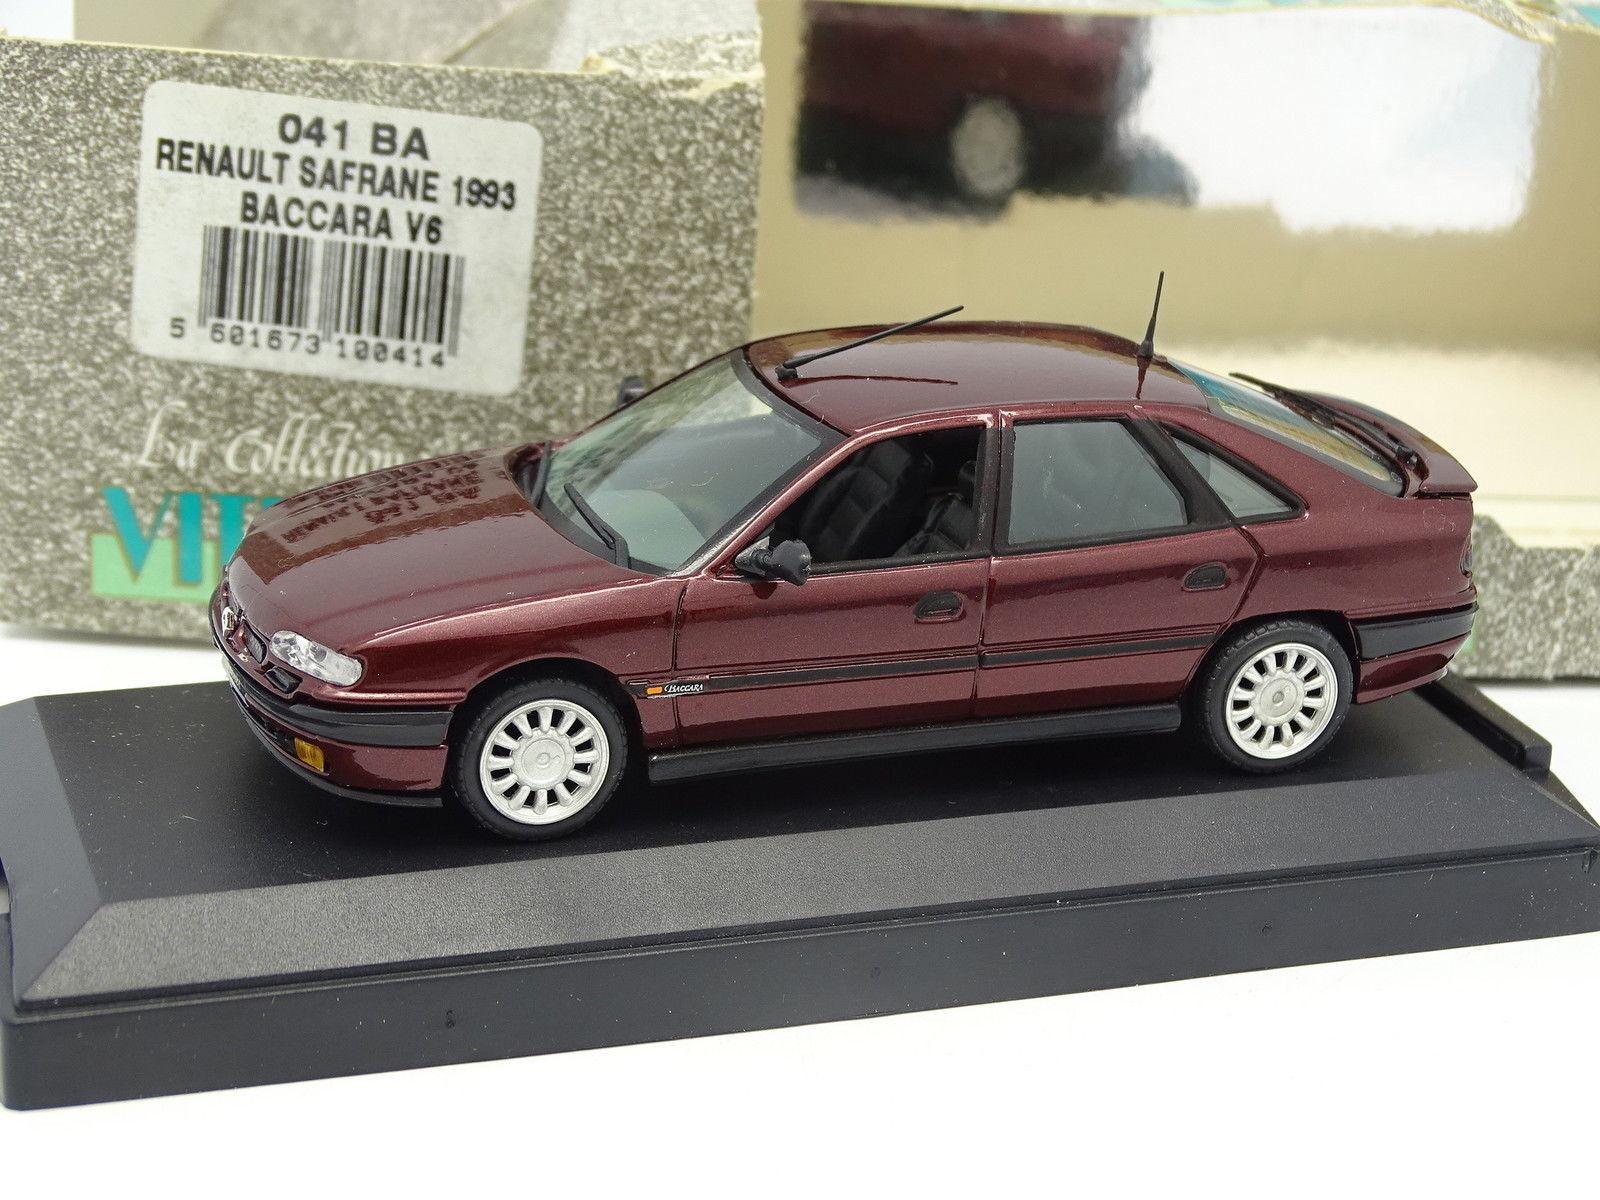 Velocidad 1 43 - Renault Safrane 1996 V6 Baccara Rojo